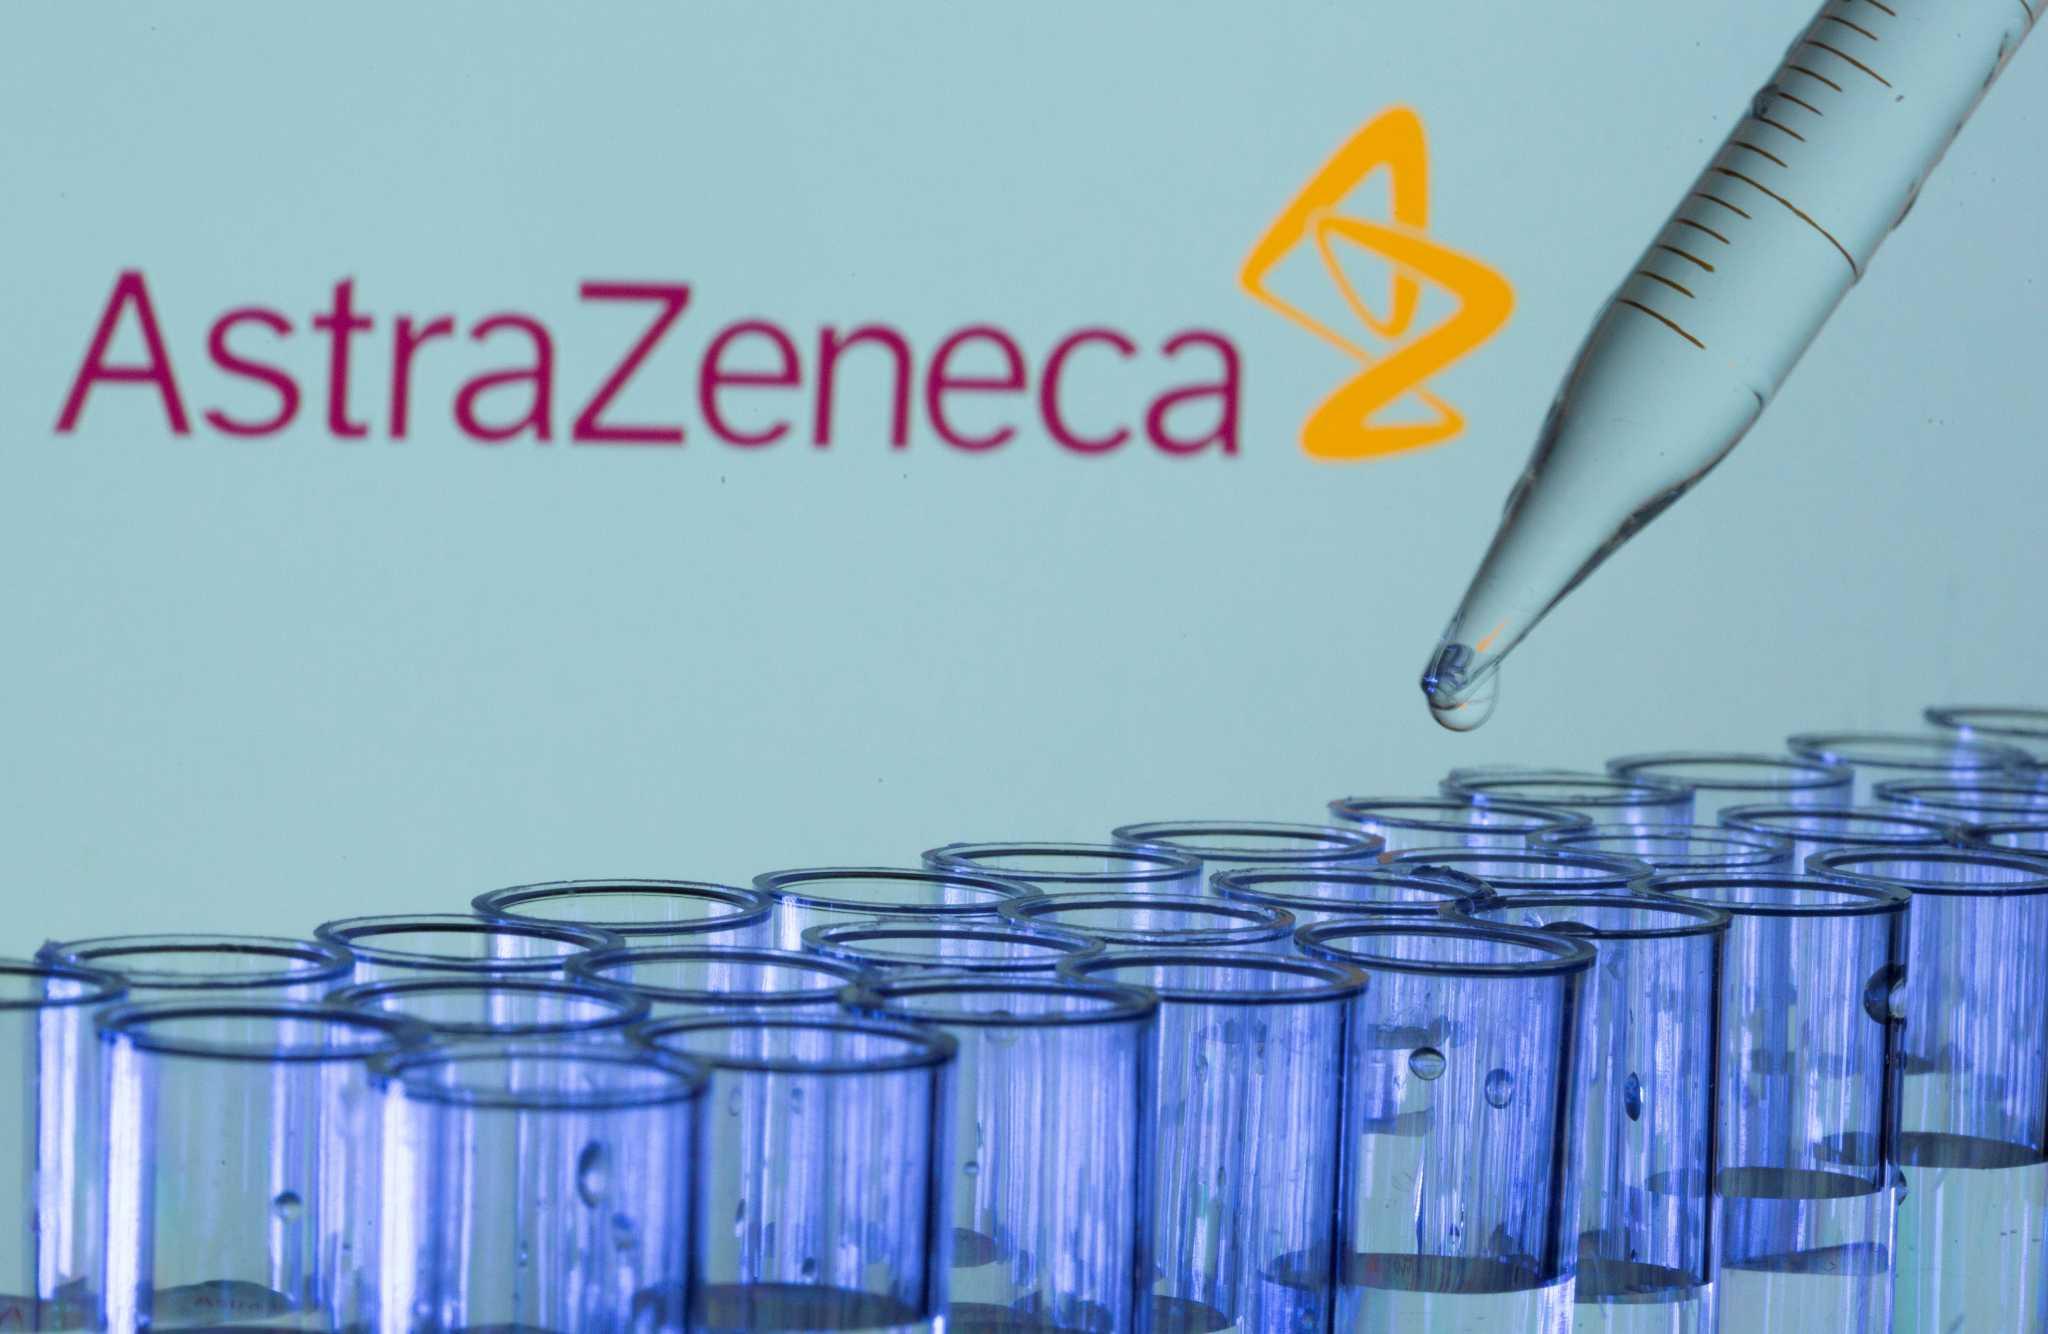 Νότια Κορέα: Πρώτη επίσημη σύνδεση θρόμβωσης με το εμβόλιο της AstraZeneca